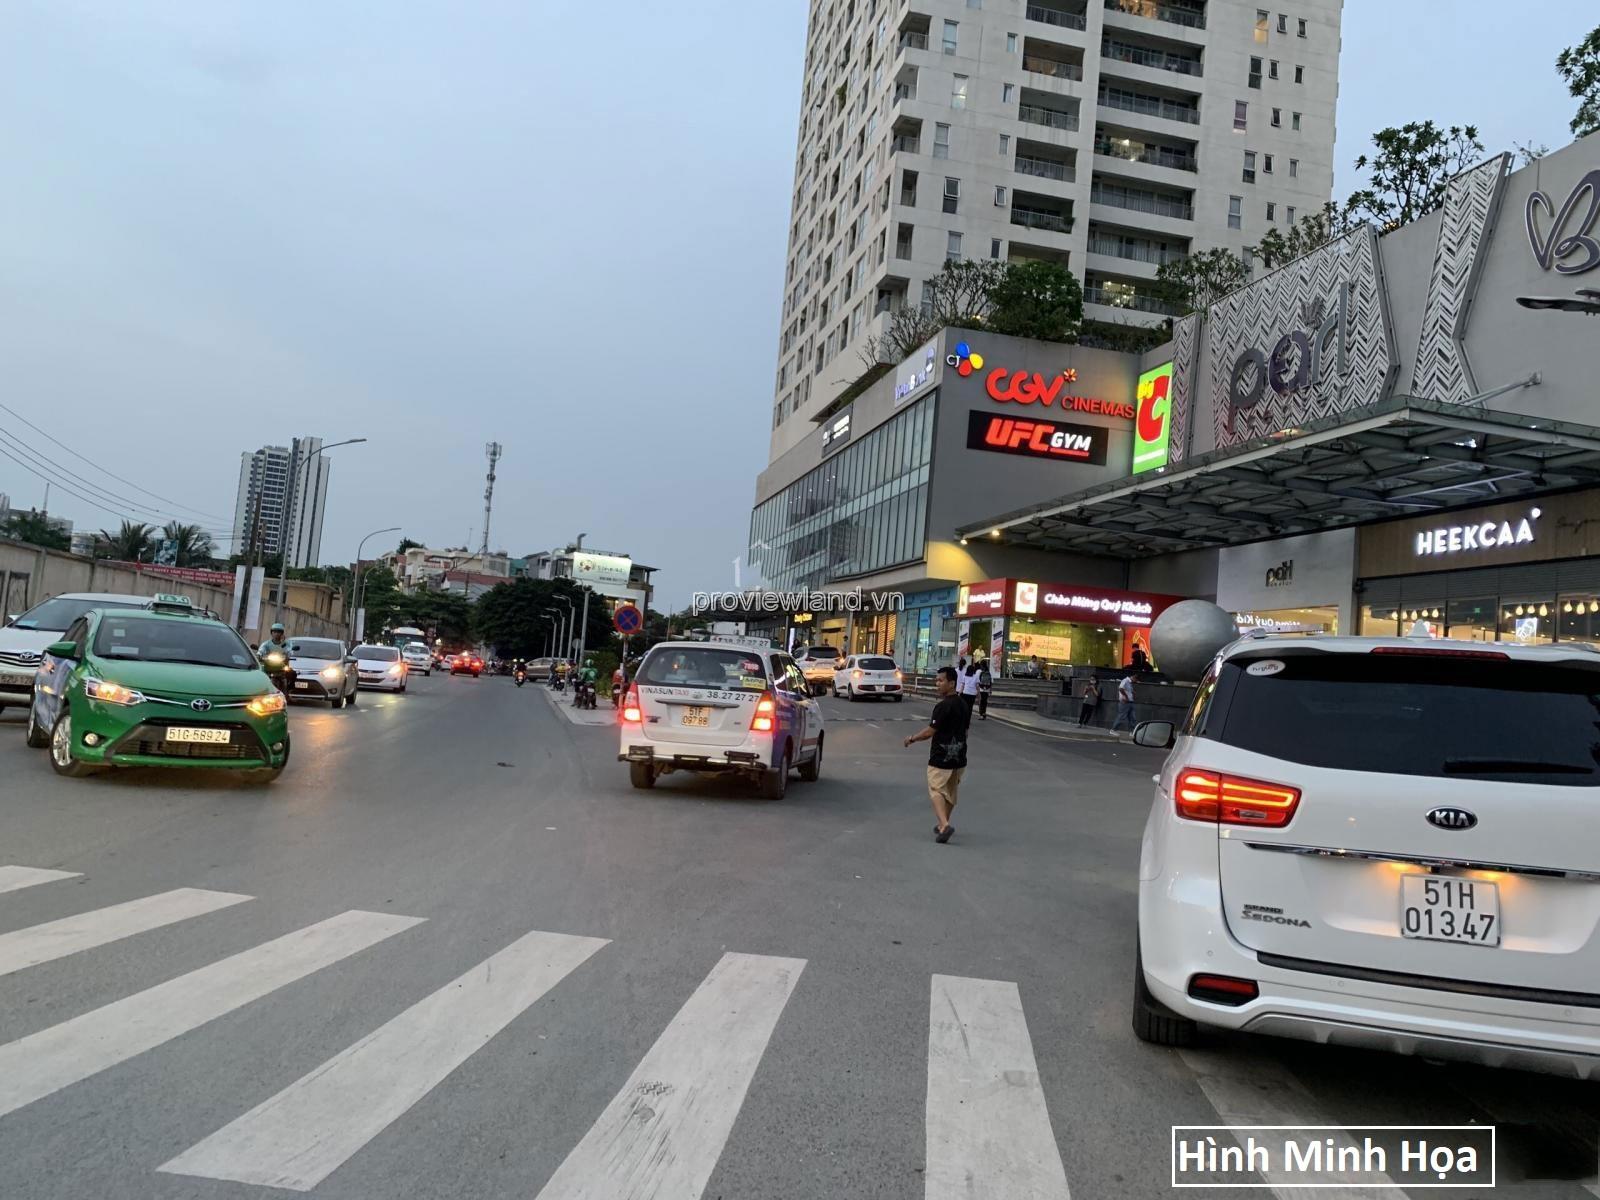 ban-dat-mat-tien-duong-quoc-huong-3485